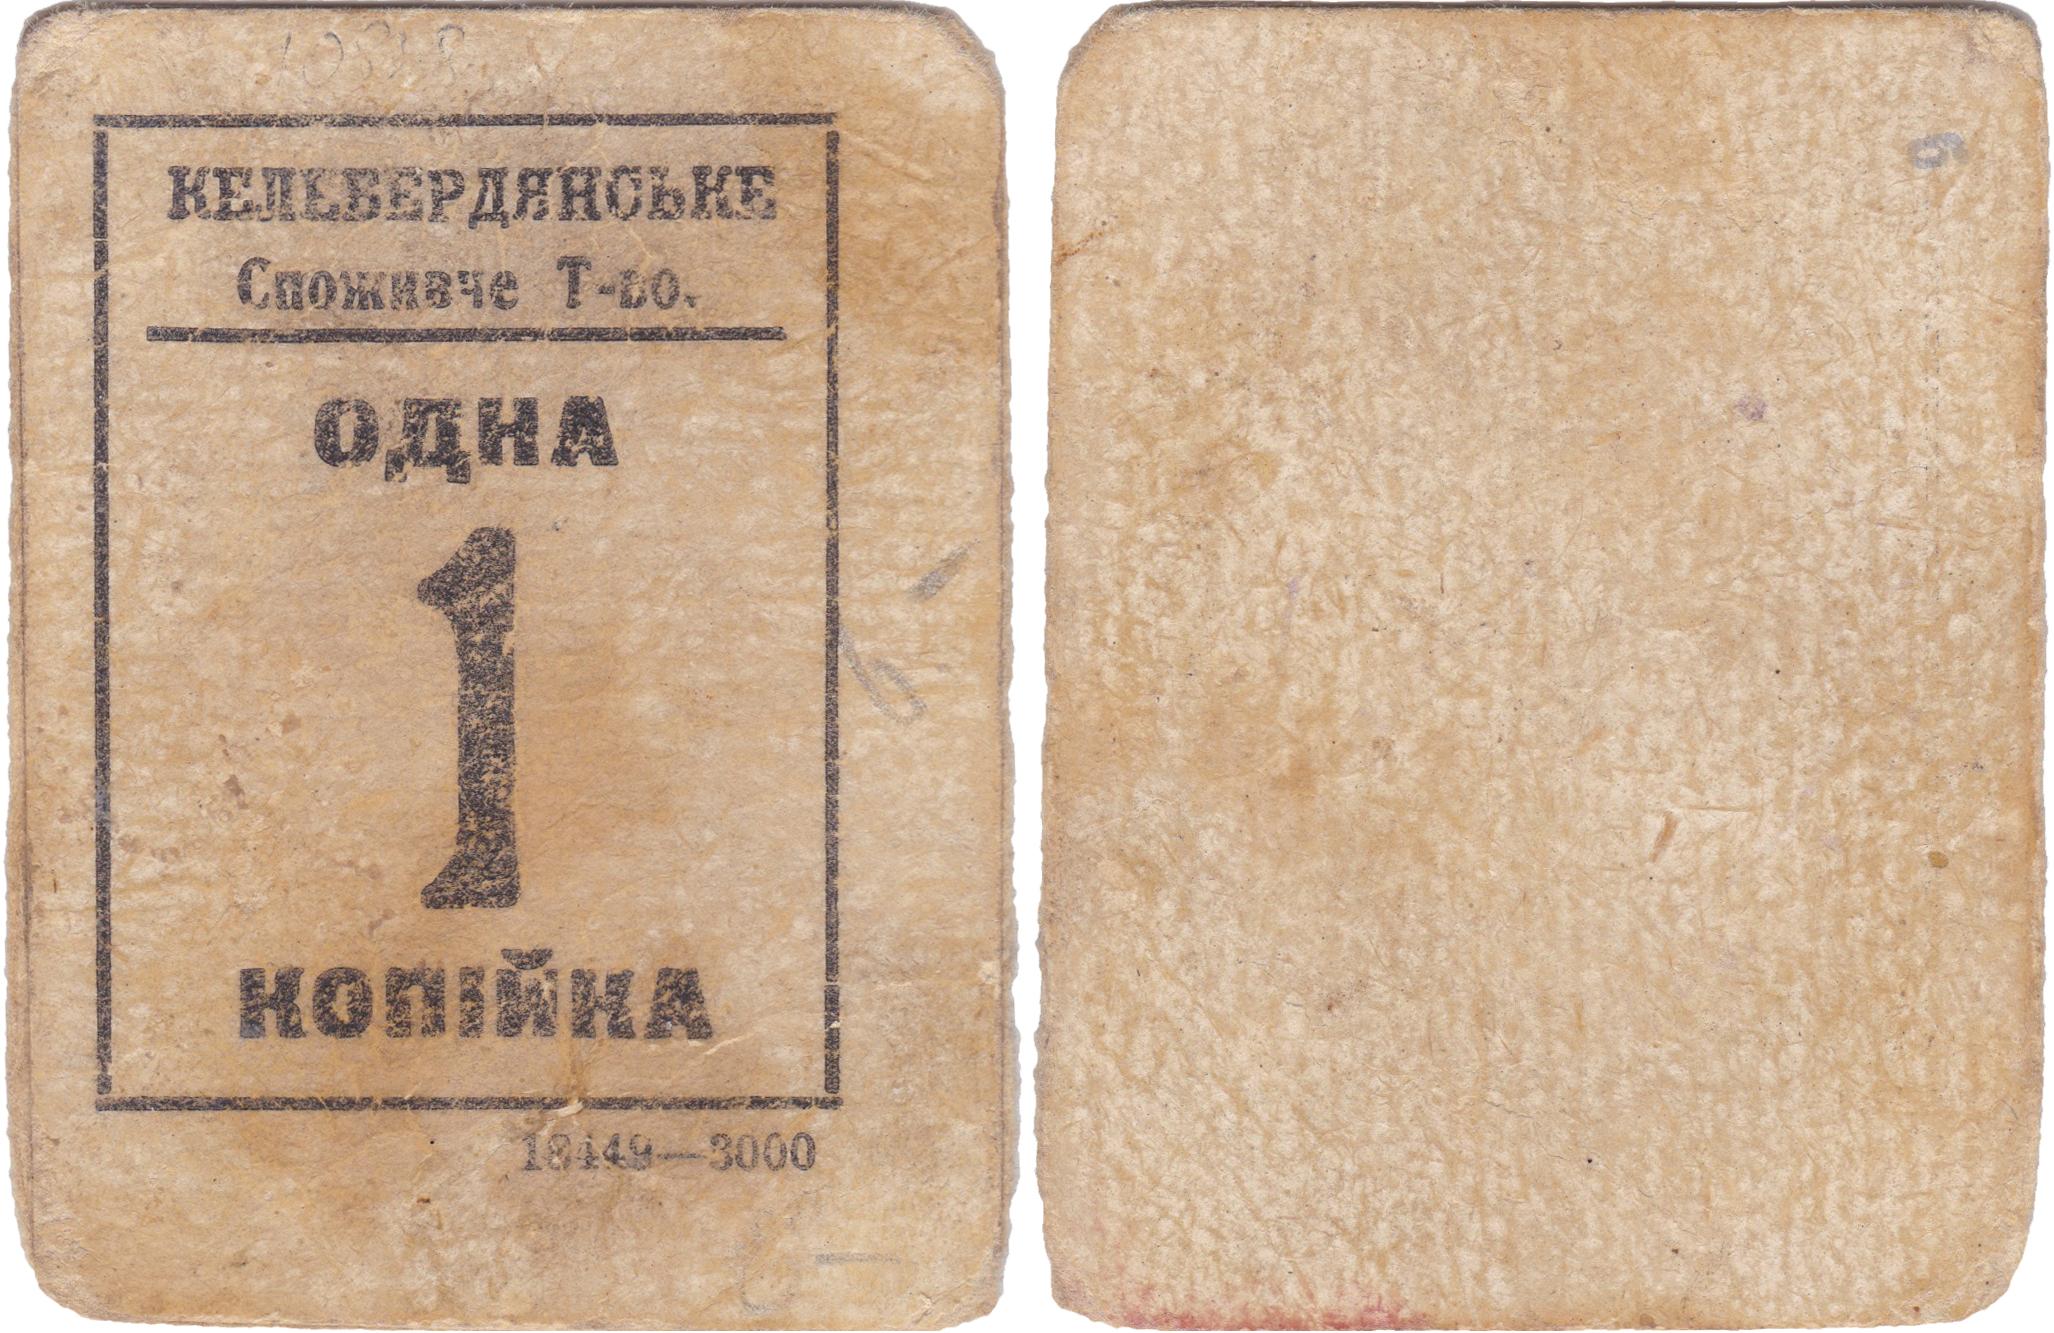 1 Копейка 1918 год. Келебердянське Споживче Товариство (Келебердянское Потребительское Общество)